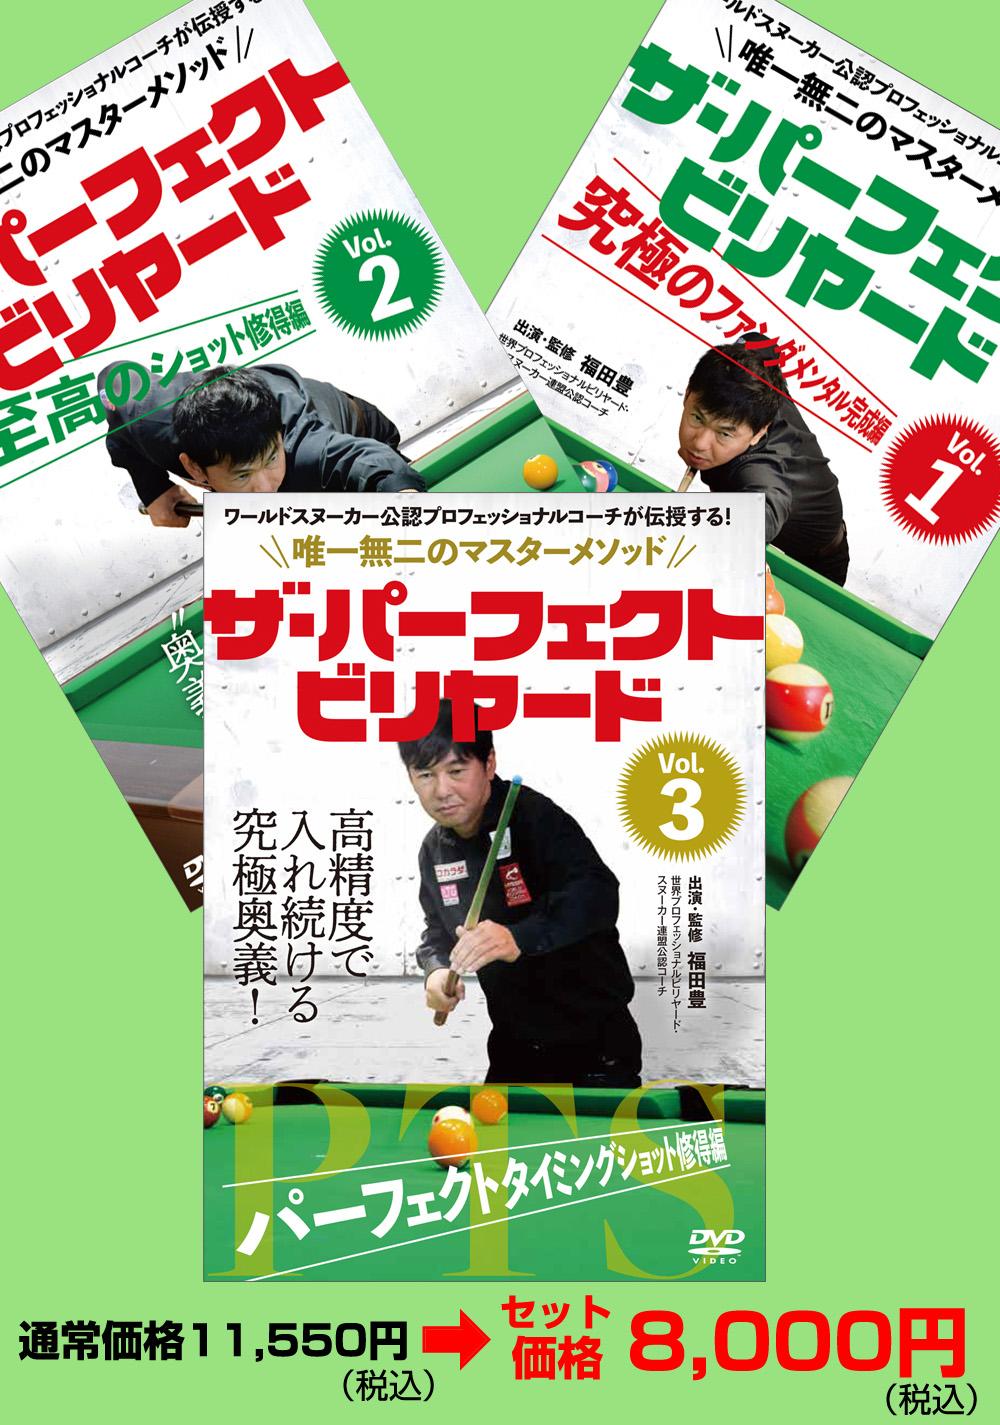 DVD3巻セット 『ザ・パーフェクト・ビリヤード』(通販限定)